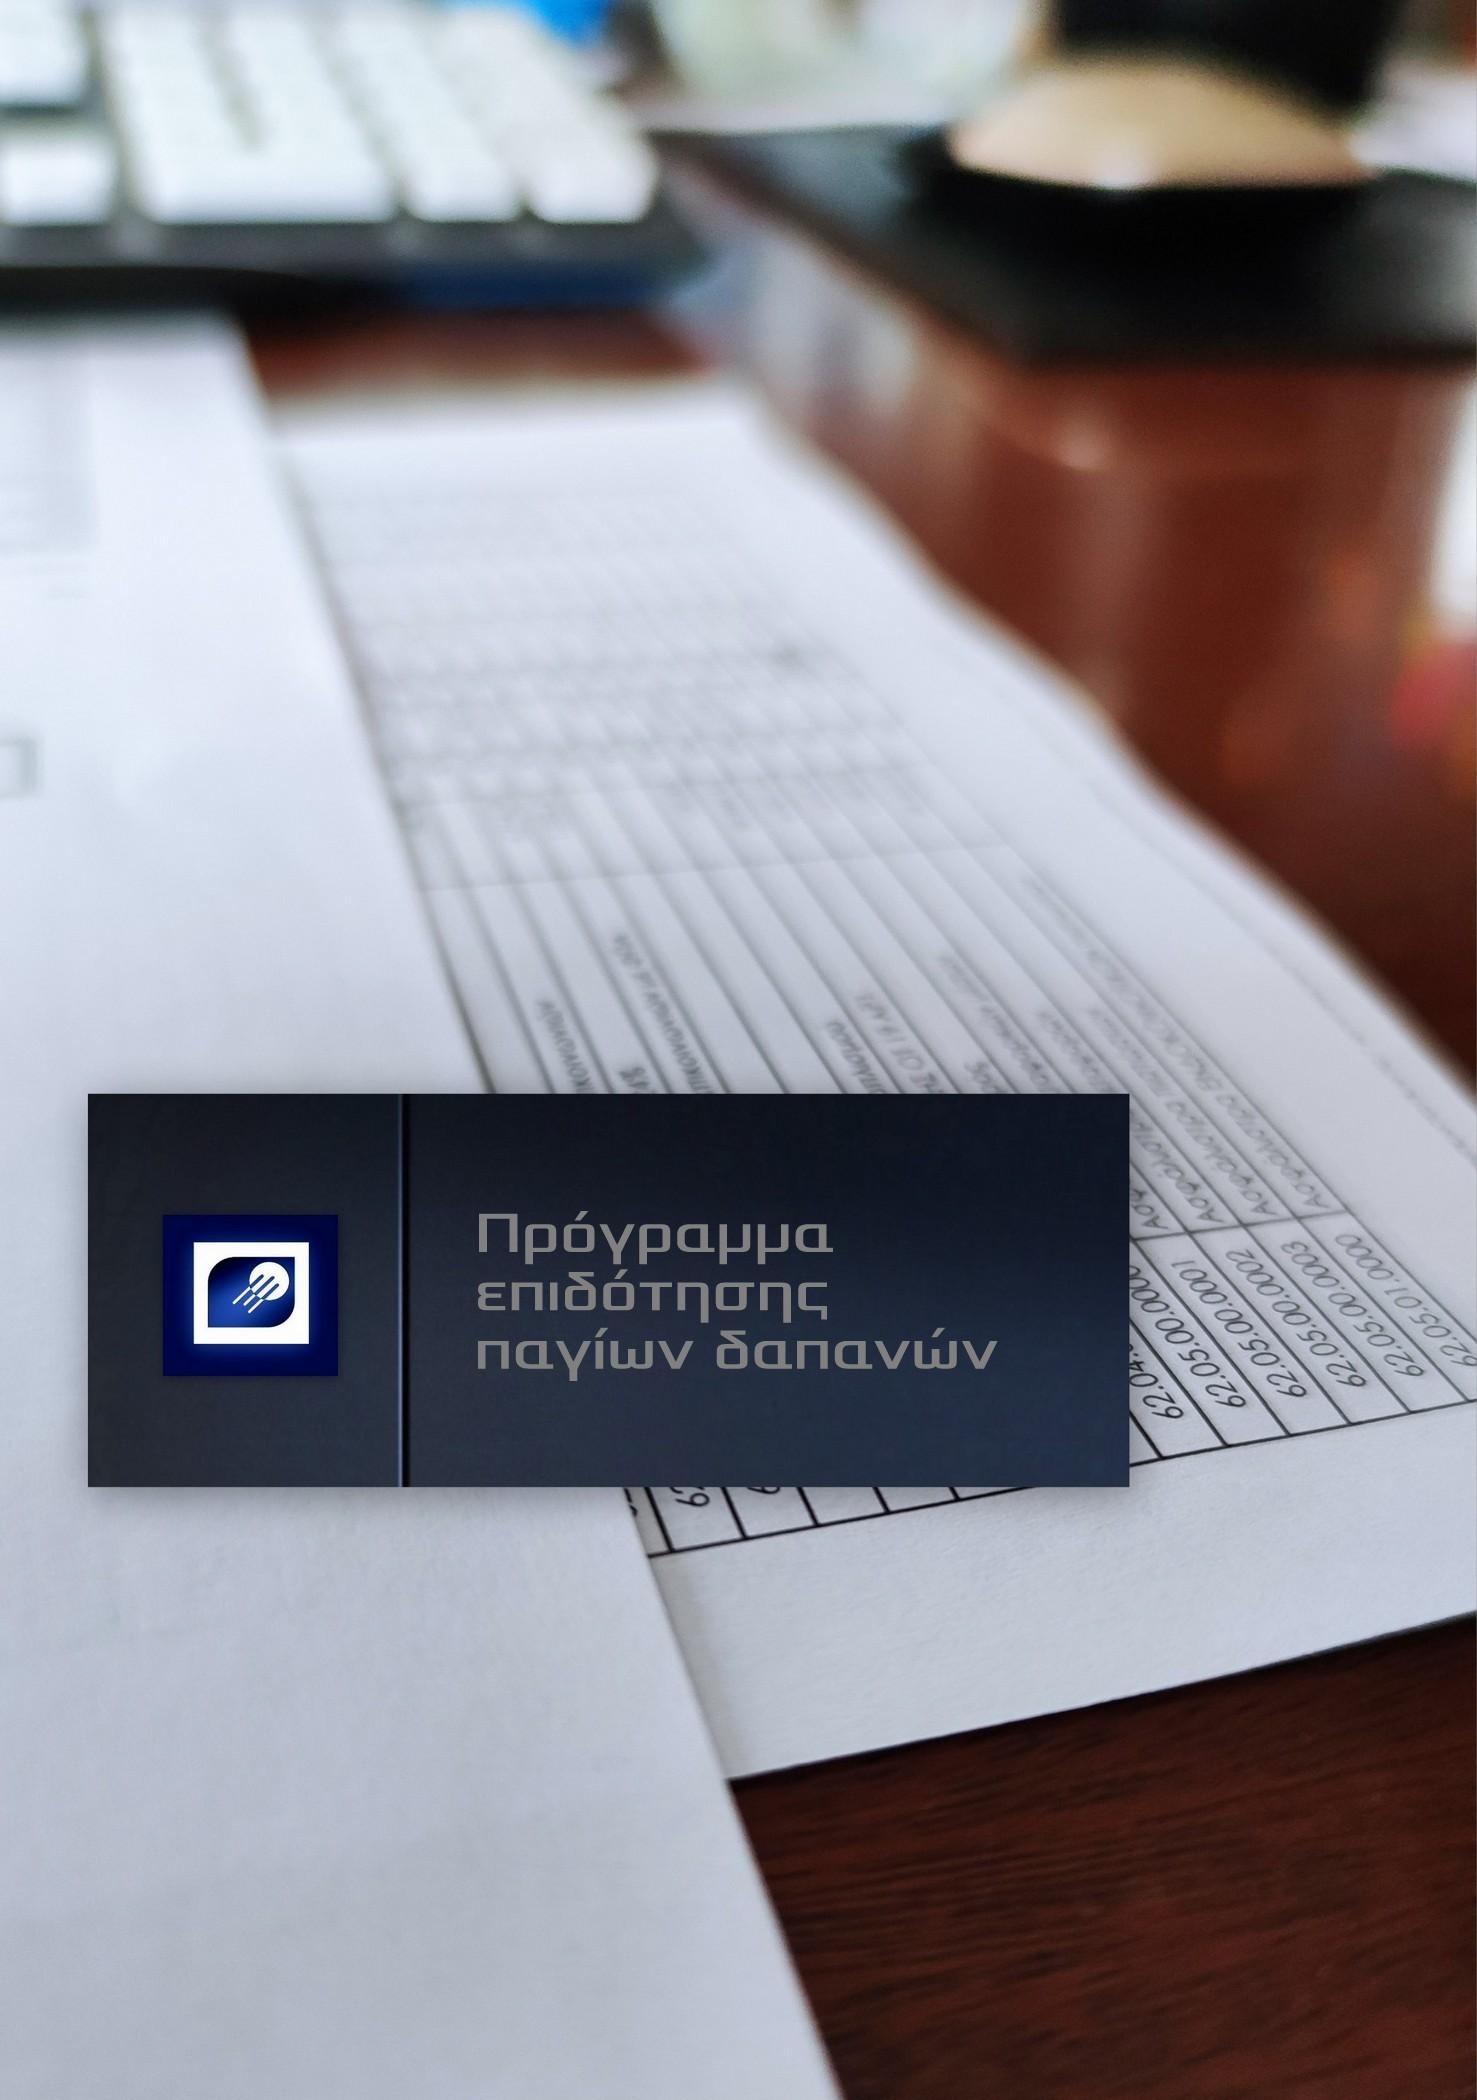 Παράταση έως τις 2/7 για το πρόγραμμα επιδότησης παγίων δαπανών των επιχειρήσεων